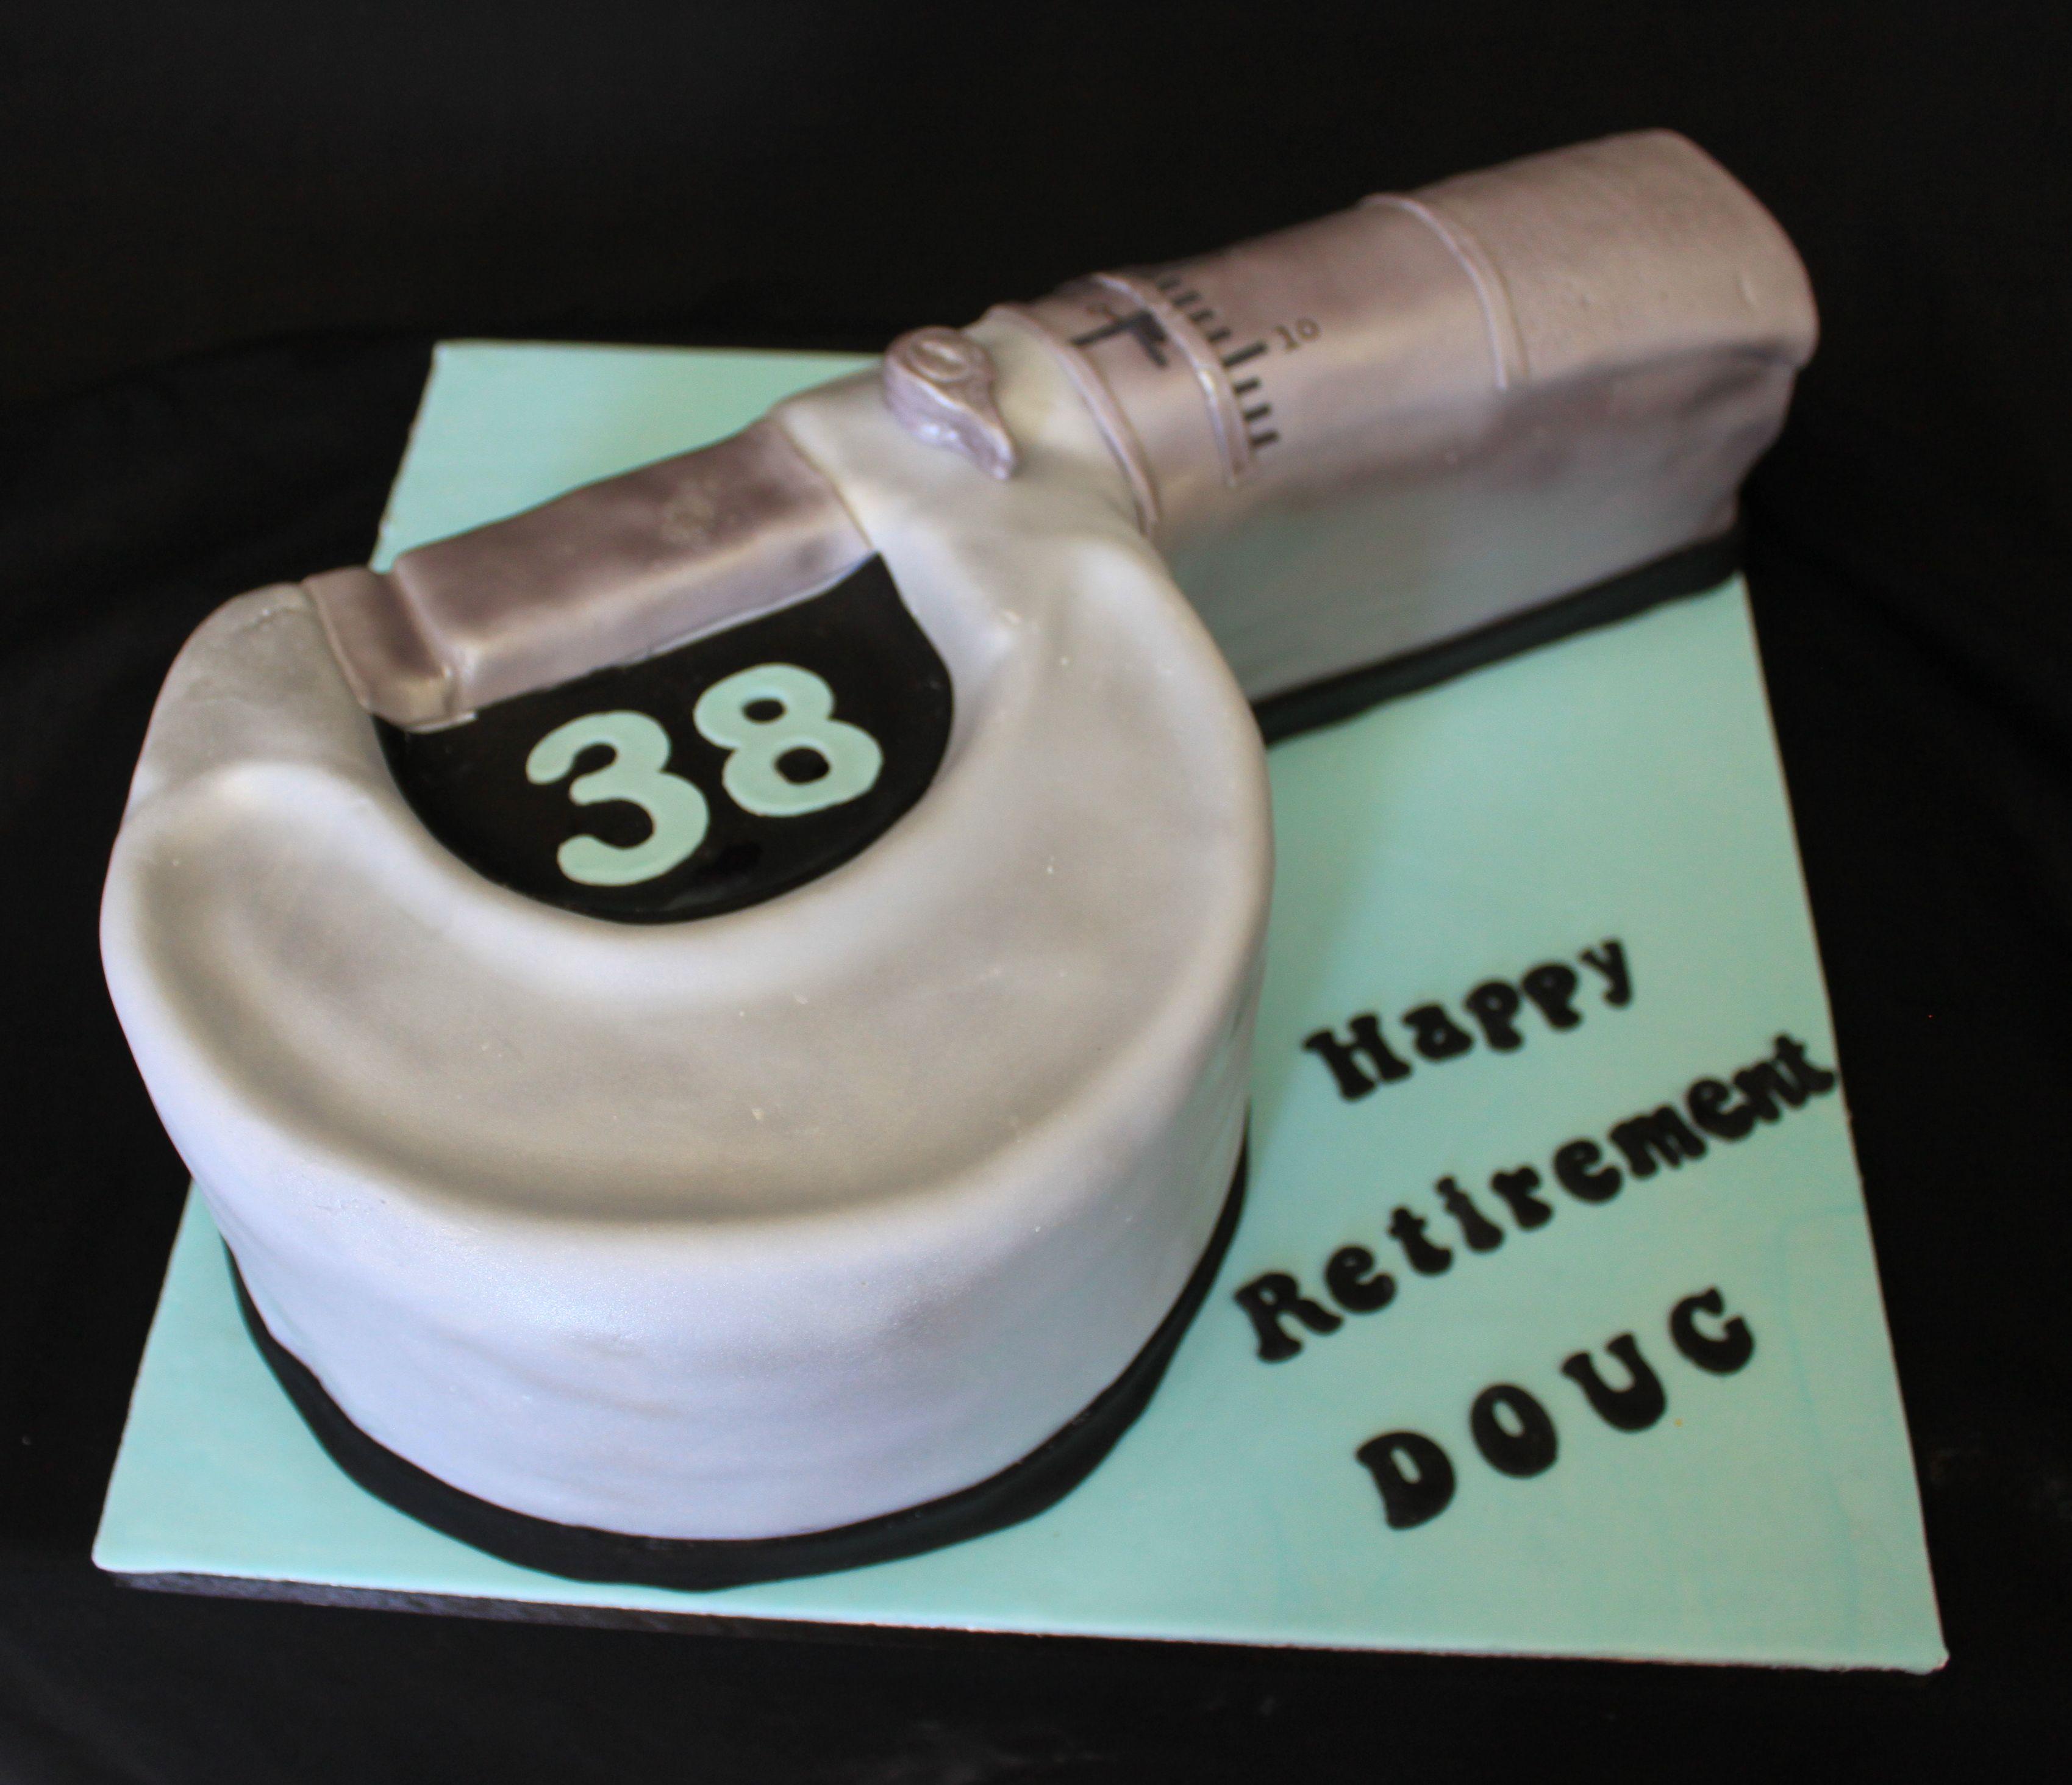 Micrometer cake